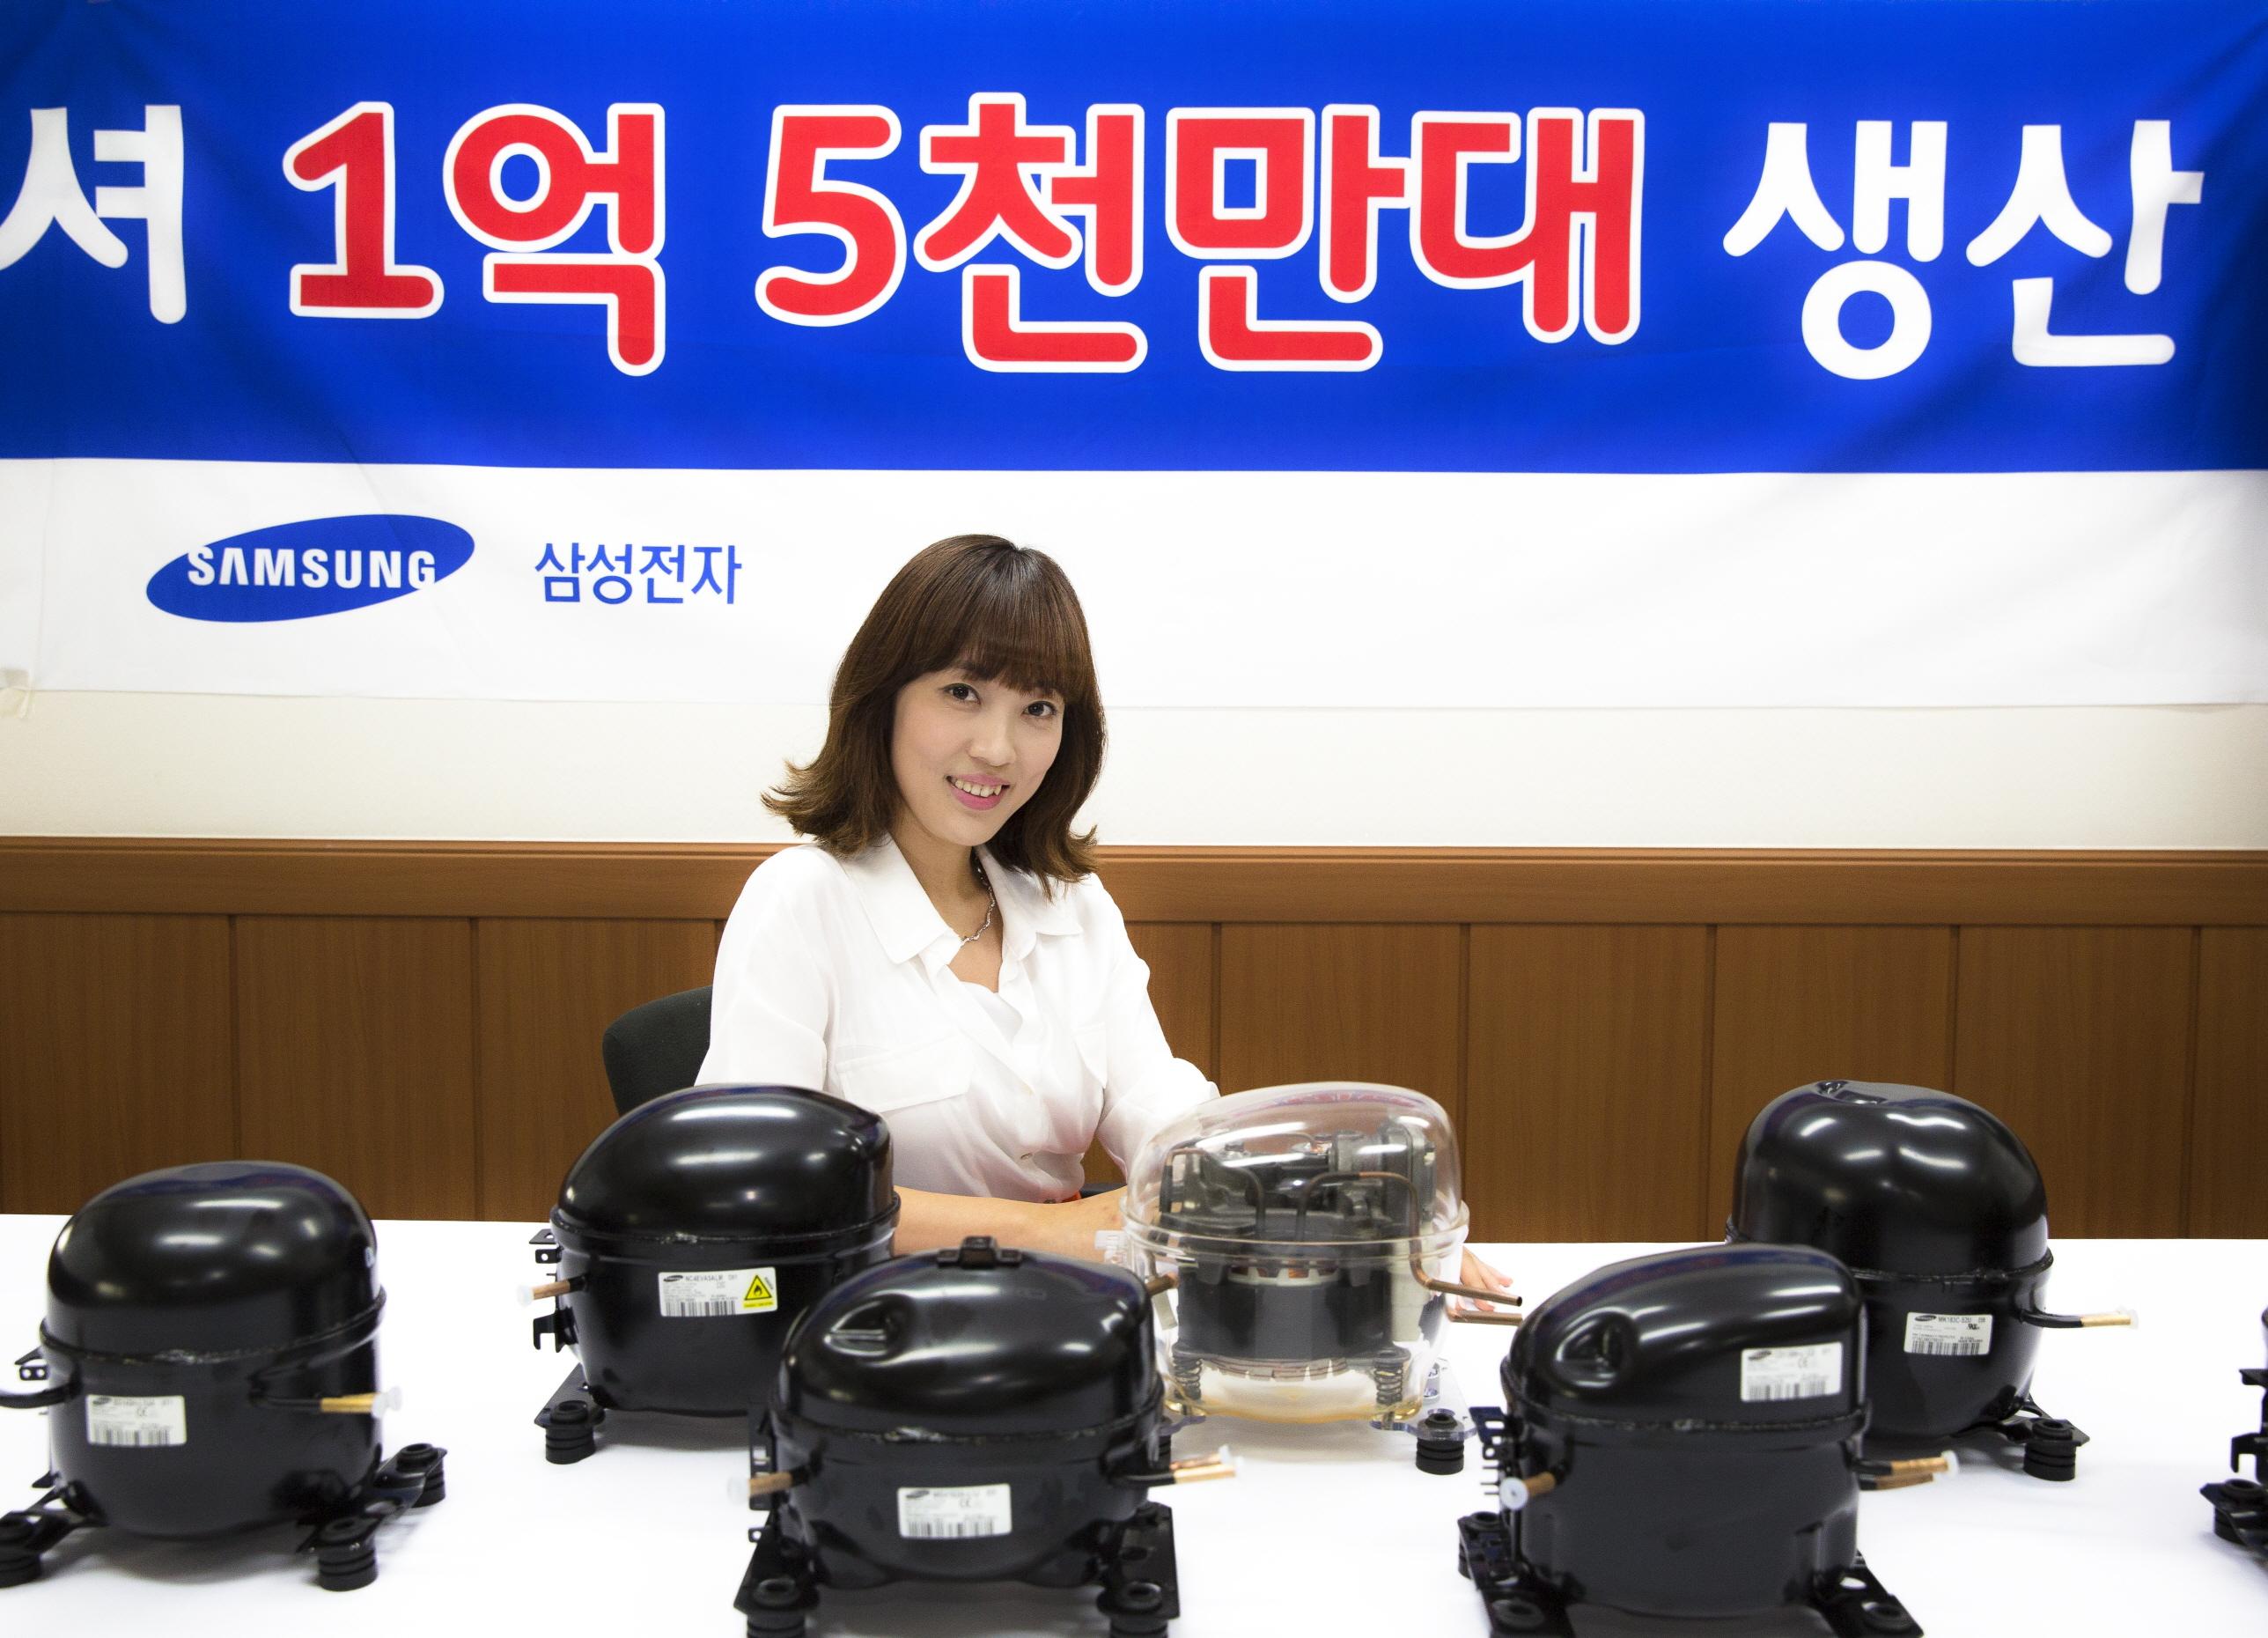 삼성 컴프레셔를 소개하고 있는 모습입니다.